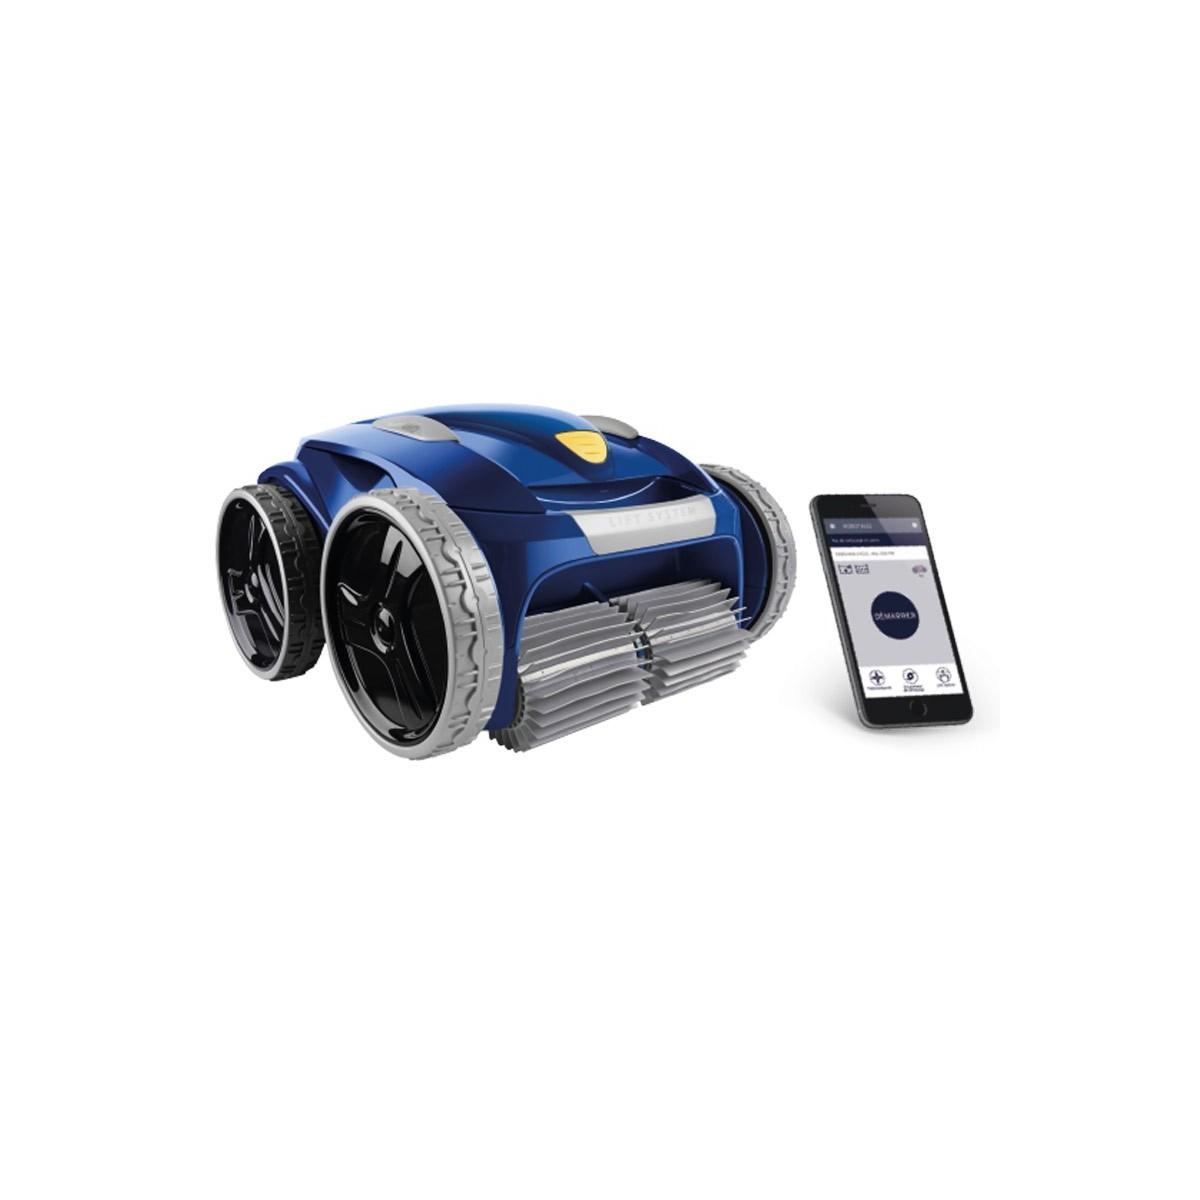 Zodiac robot piscina 4 ruedas vortex rv5480 iq (fondo-pared) (12x6m)